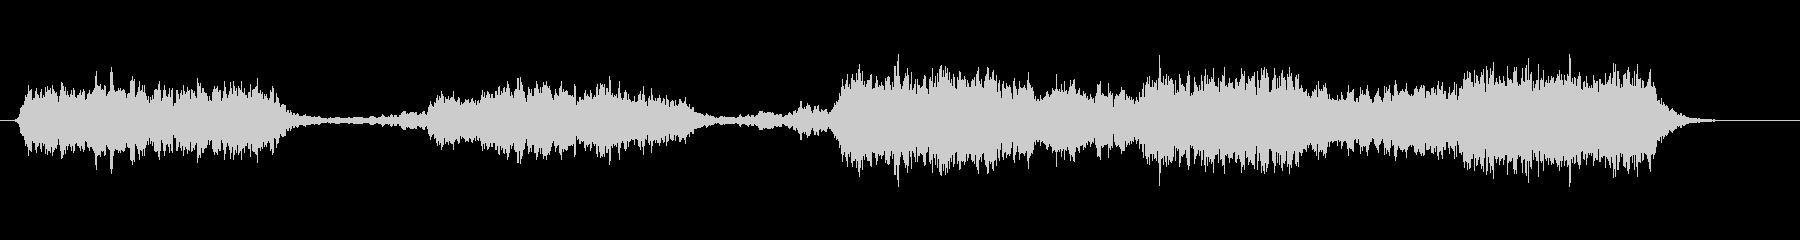 教会のような荘厳なアカペラ合唱曲30秒の未再生の波形